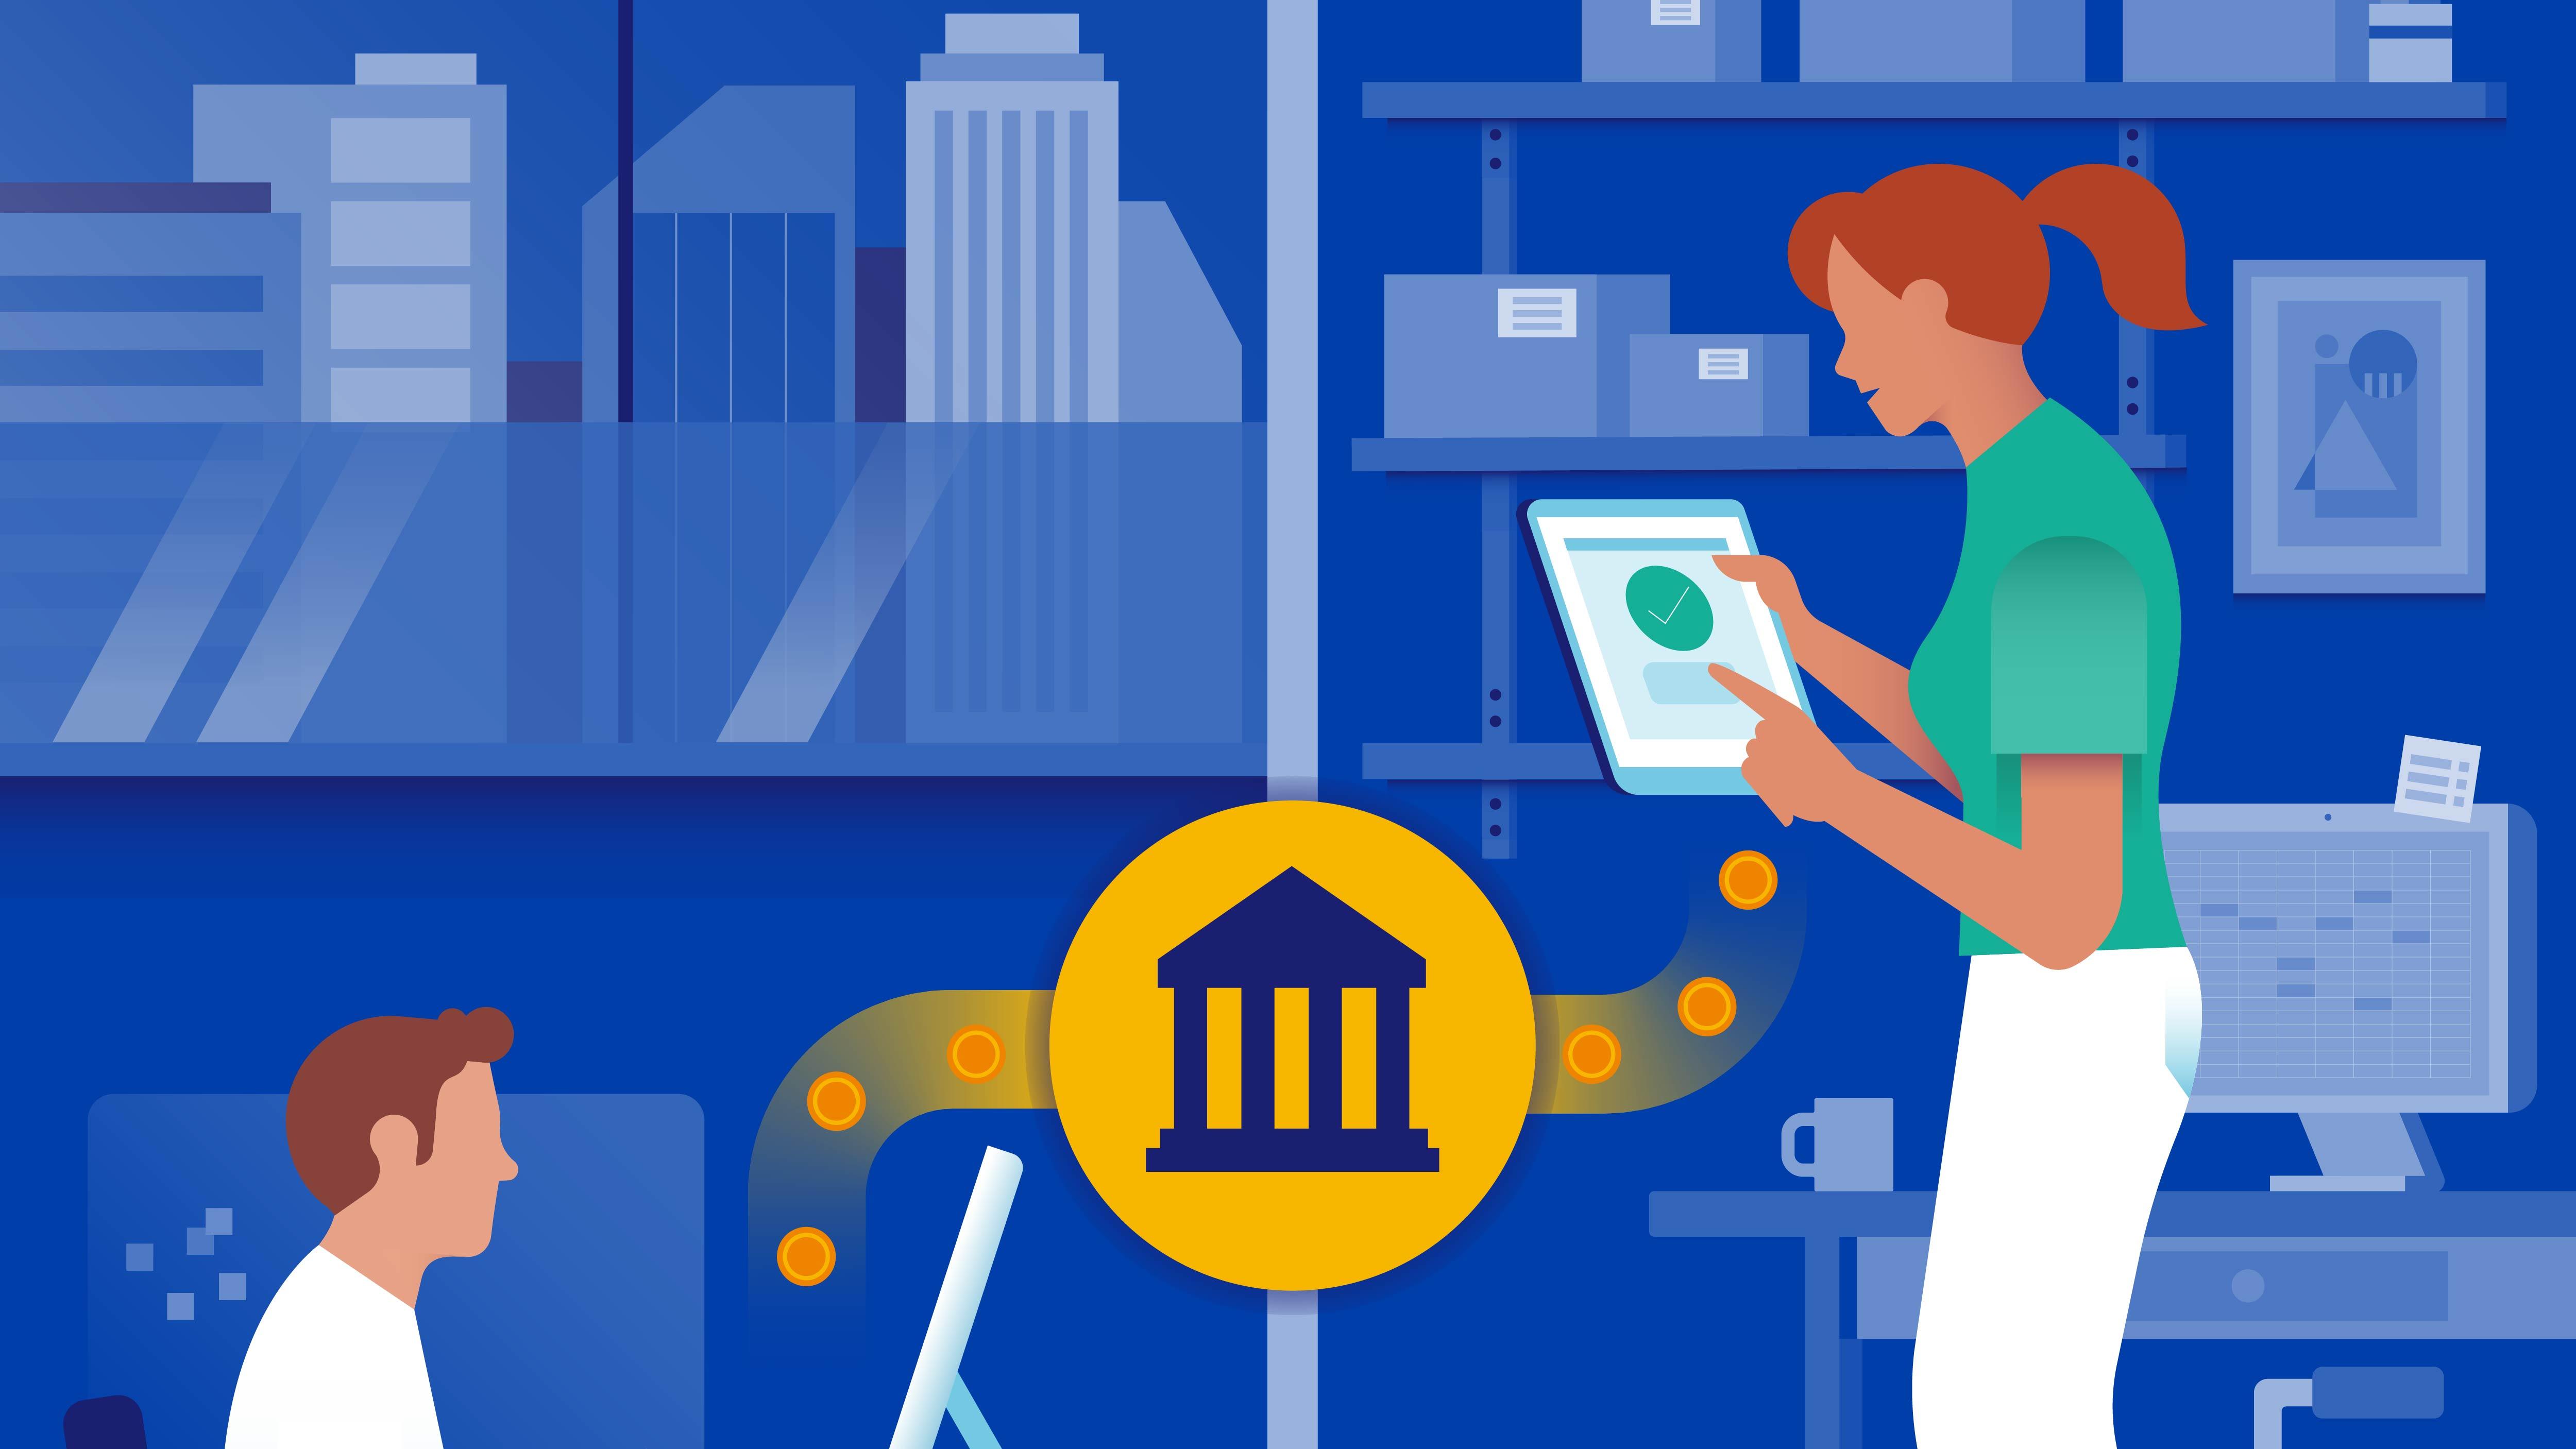 Visa rozszerza możliwości globalnego przesyłania pieniędzy dzięki Visa Direct Payouts